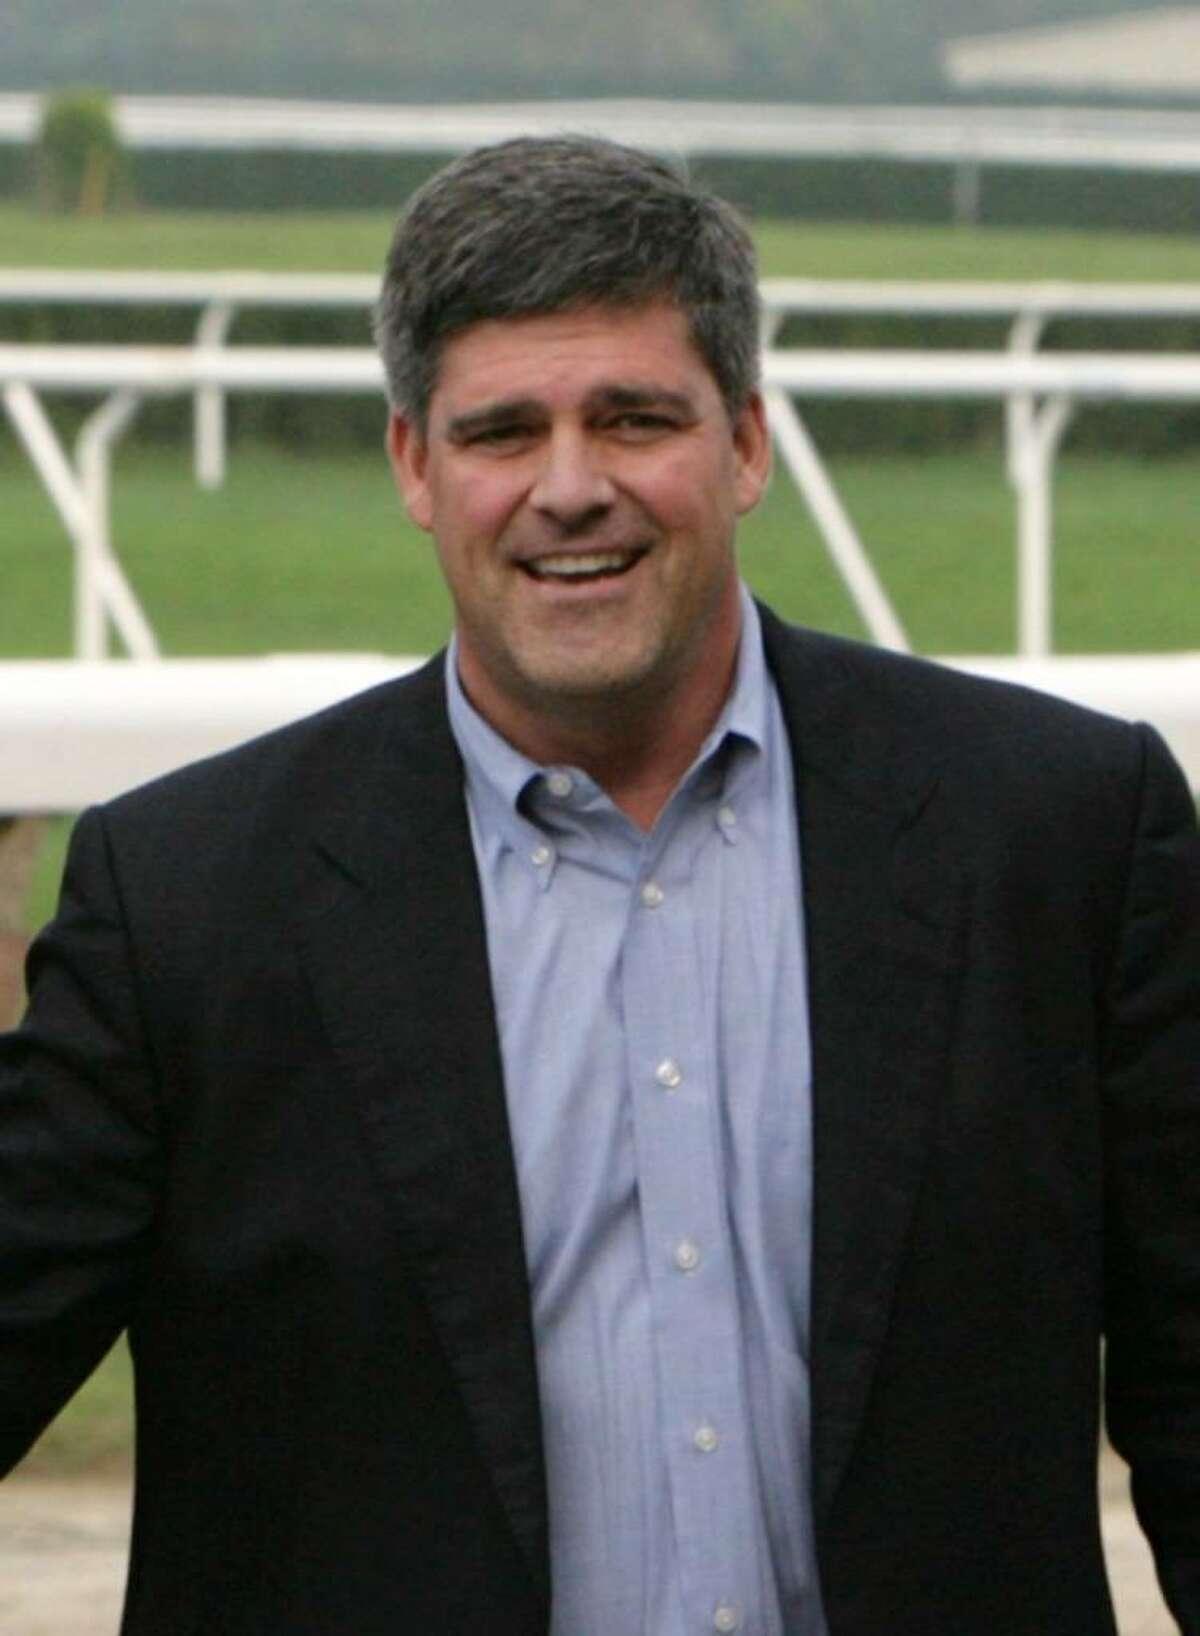 Wayne Barr